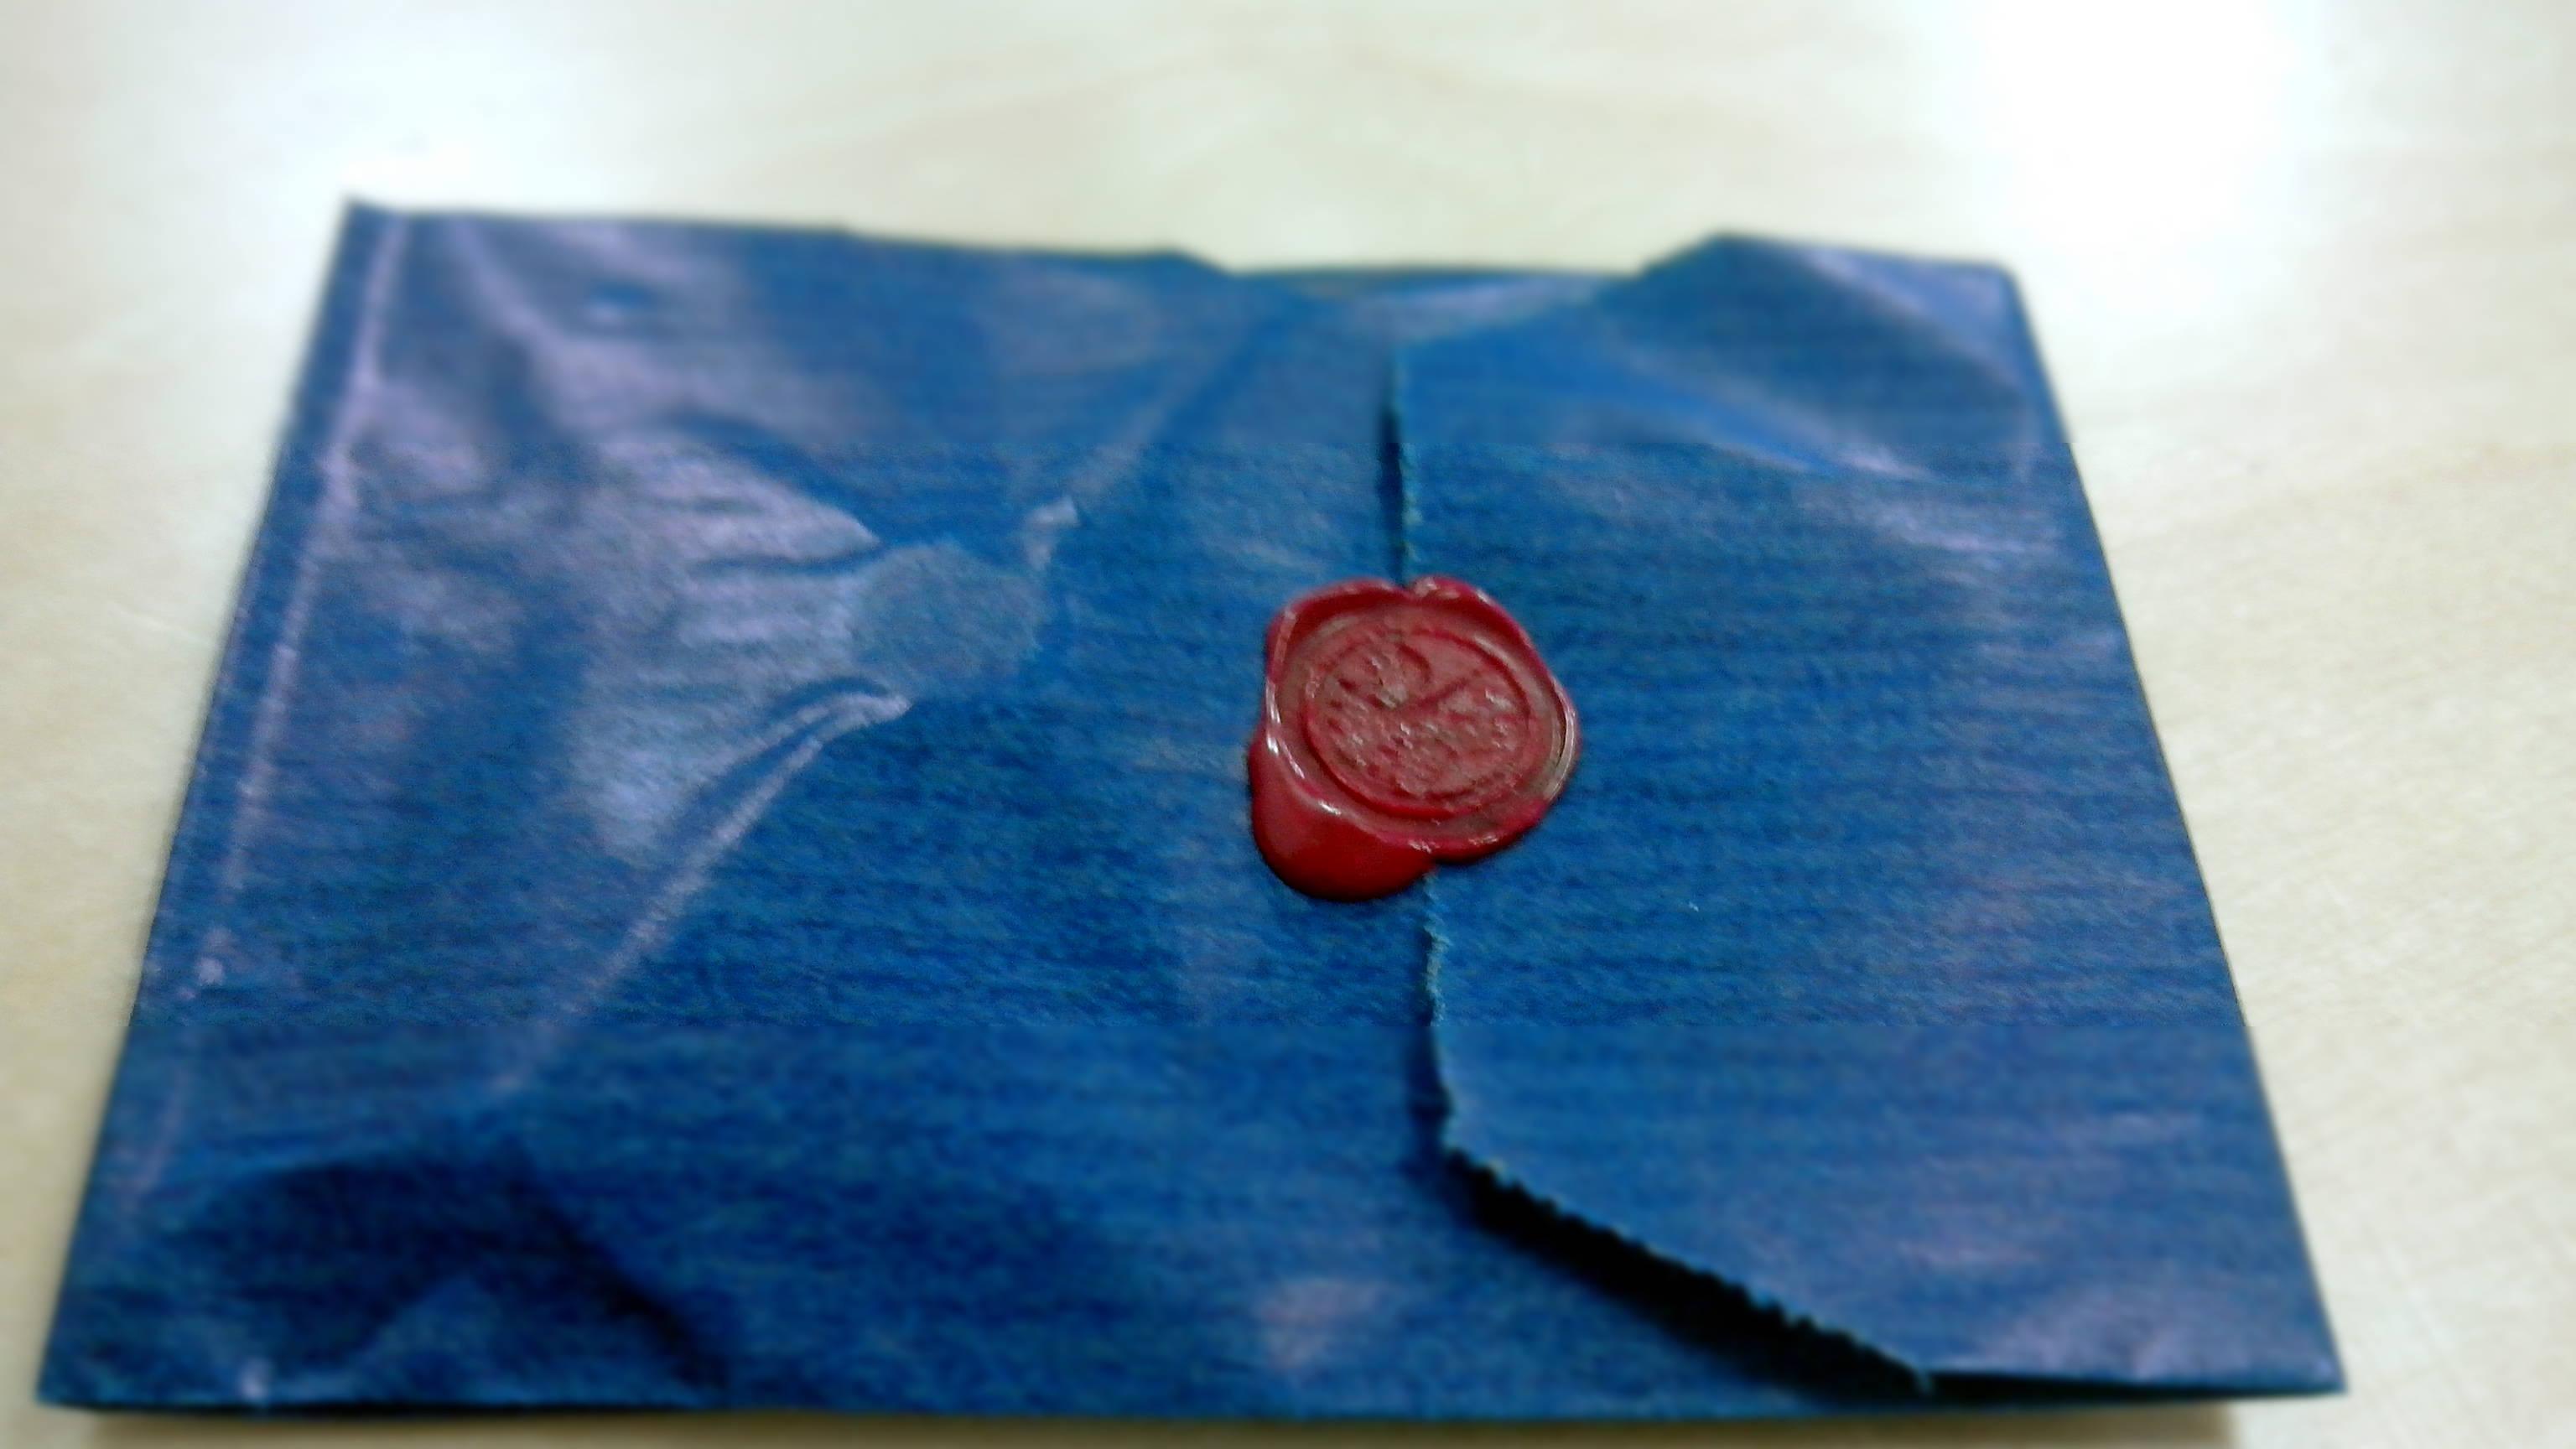 Qu'est-ce qu'il y avait dans ta boite aux lettres aujourd'hui? - Page 6 Barettes_2